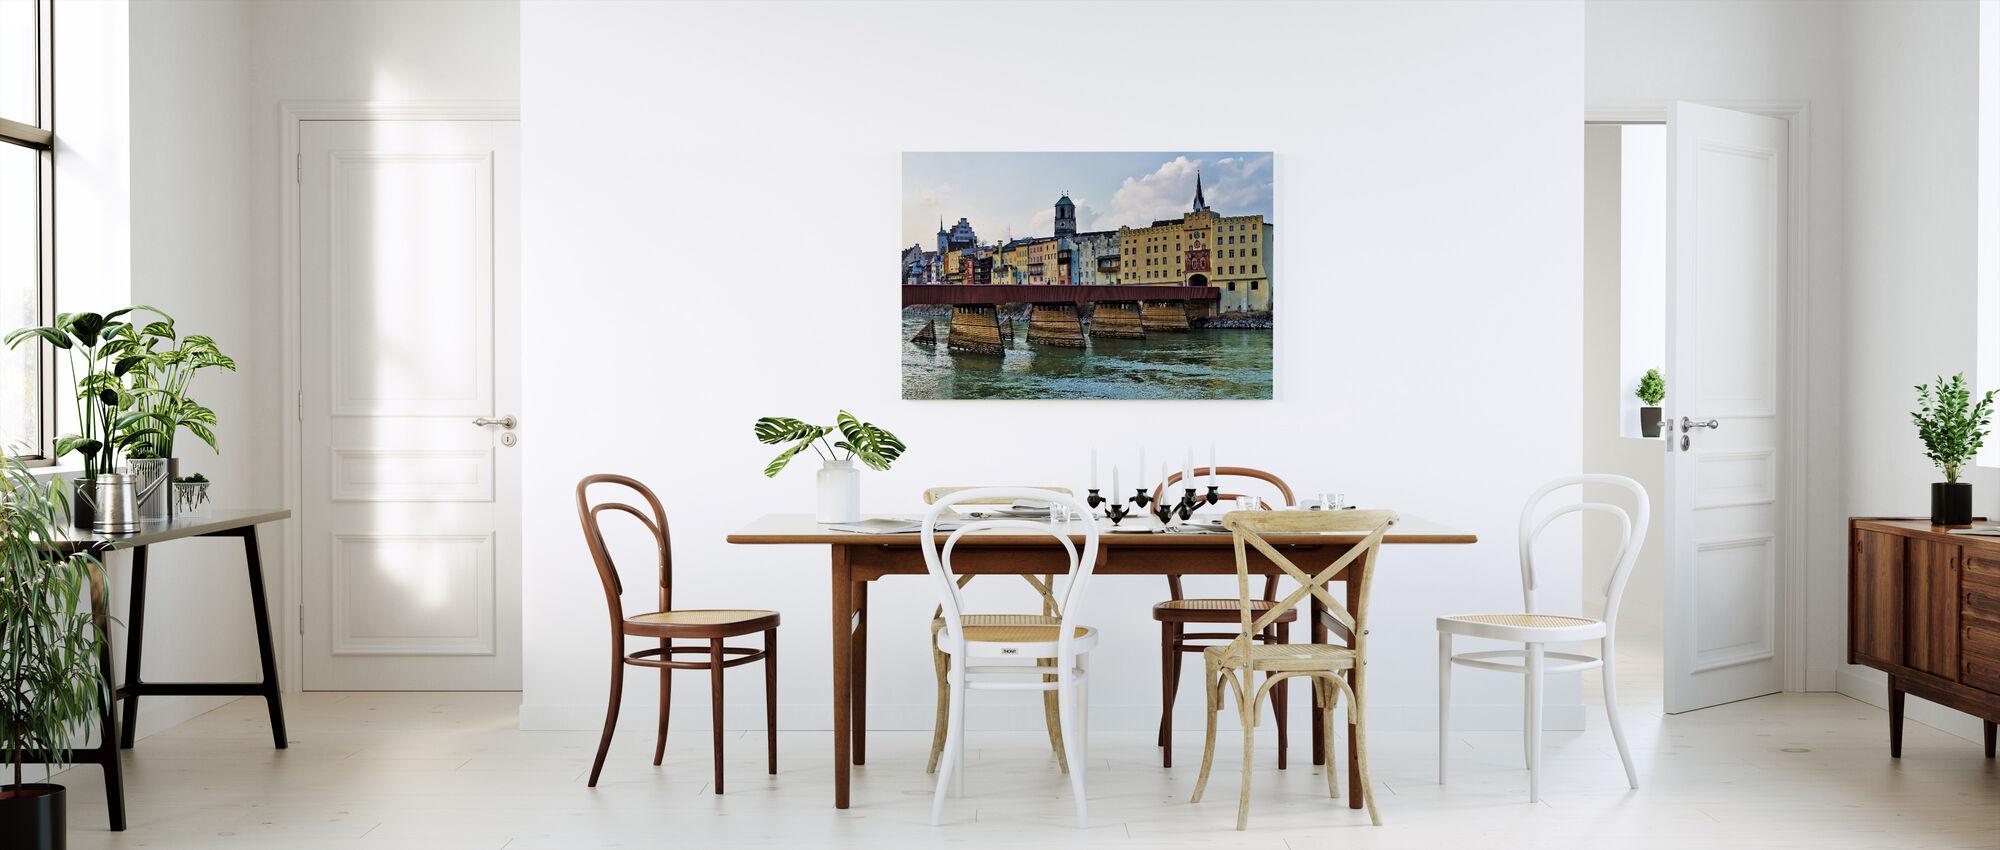 Wasserburg am Inn, Duitsland - Canvas print - Keuken